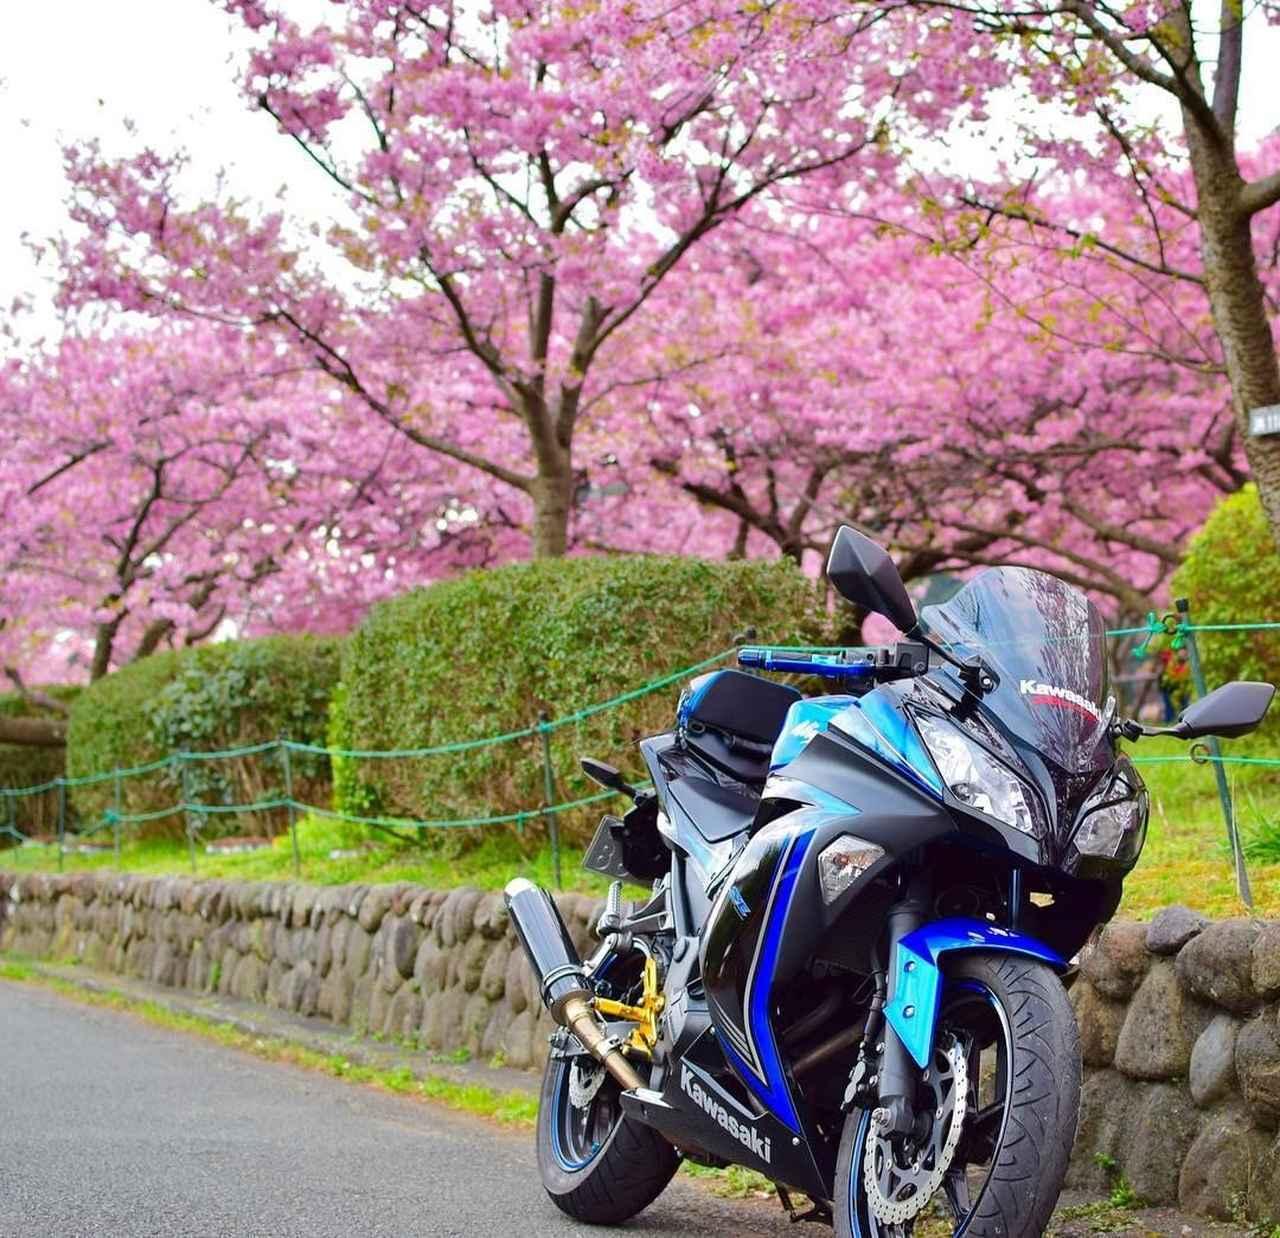 画像: 秋の顔も見たい…カワサキ Ninja250【グラカワインスタ投稿紹介vol.51】 - LAWRENCE - Motorcycle x Cars + α = Your Life.